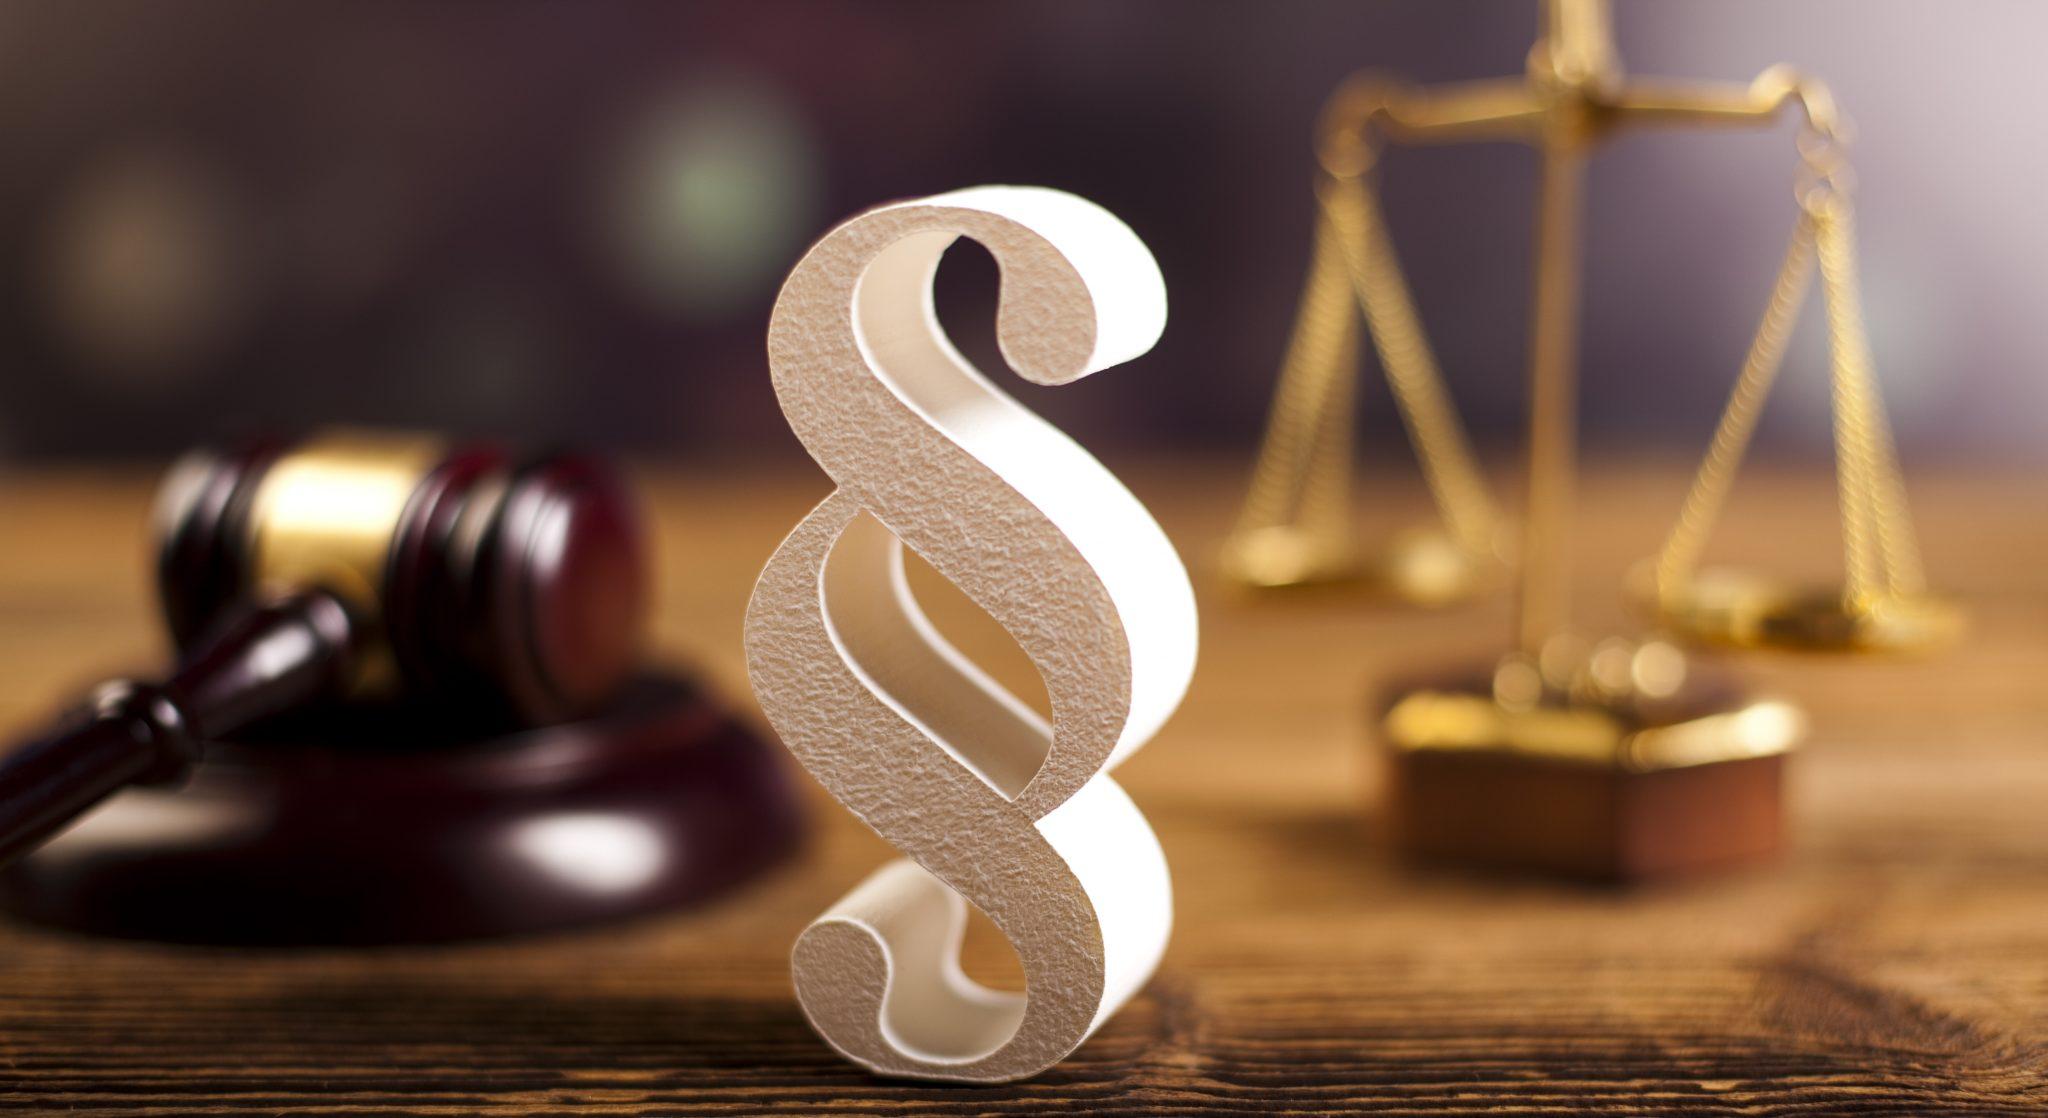 Für Gründer: Welche Rechtsform ist die Richtige? [Sponsored]